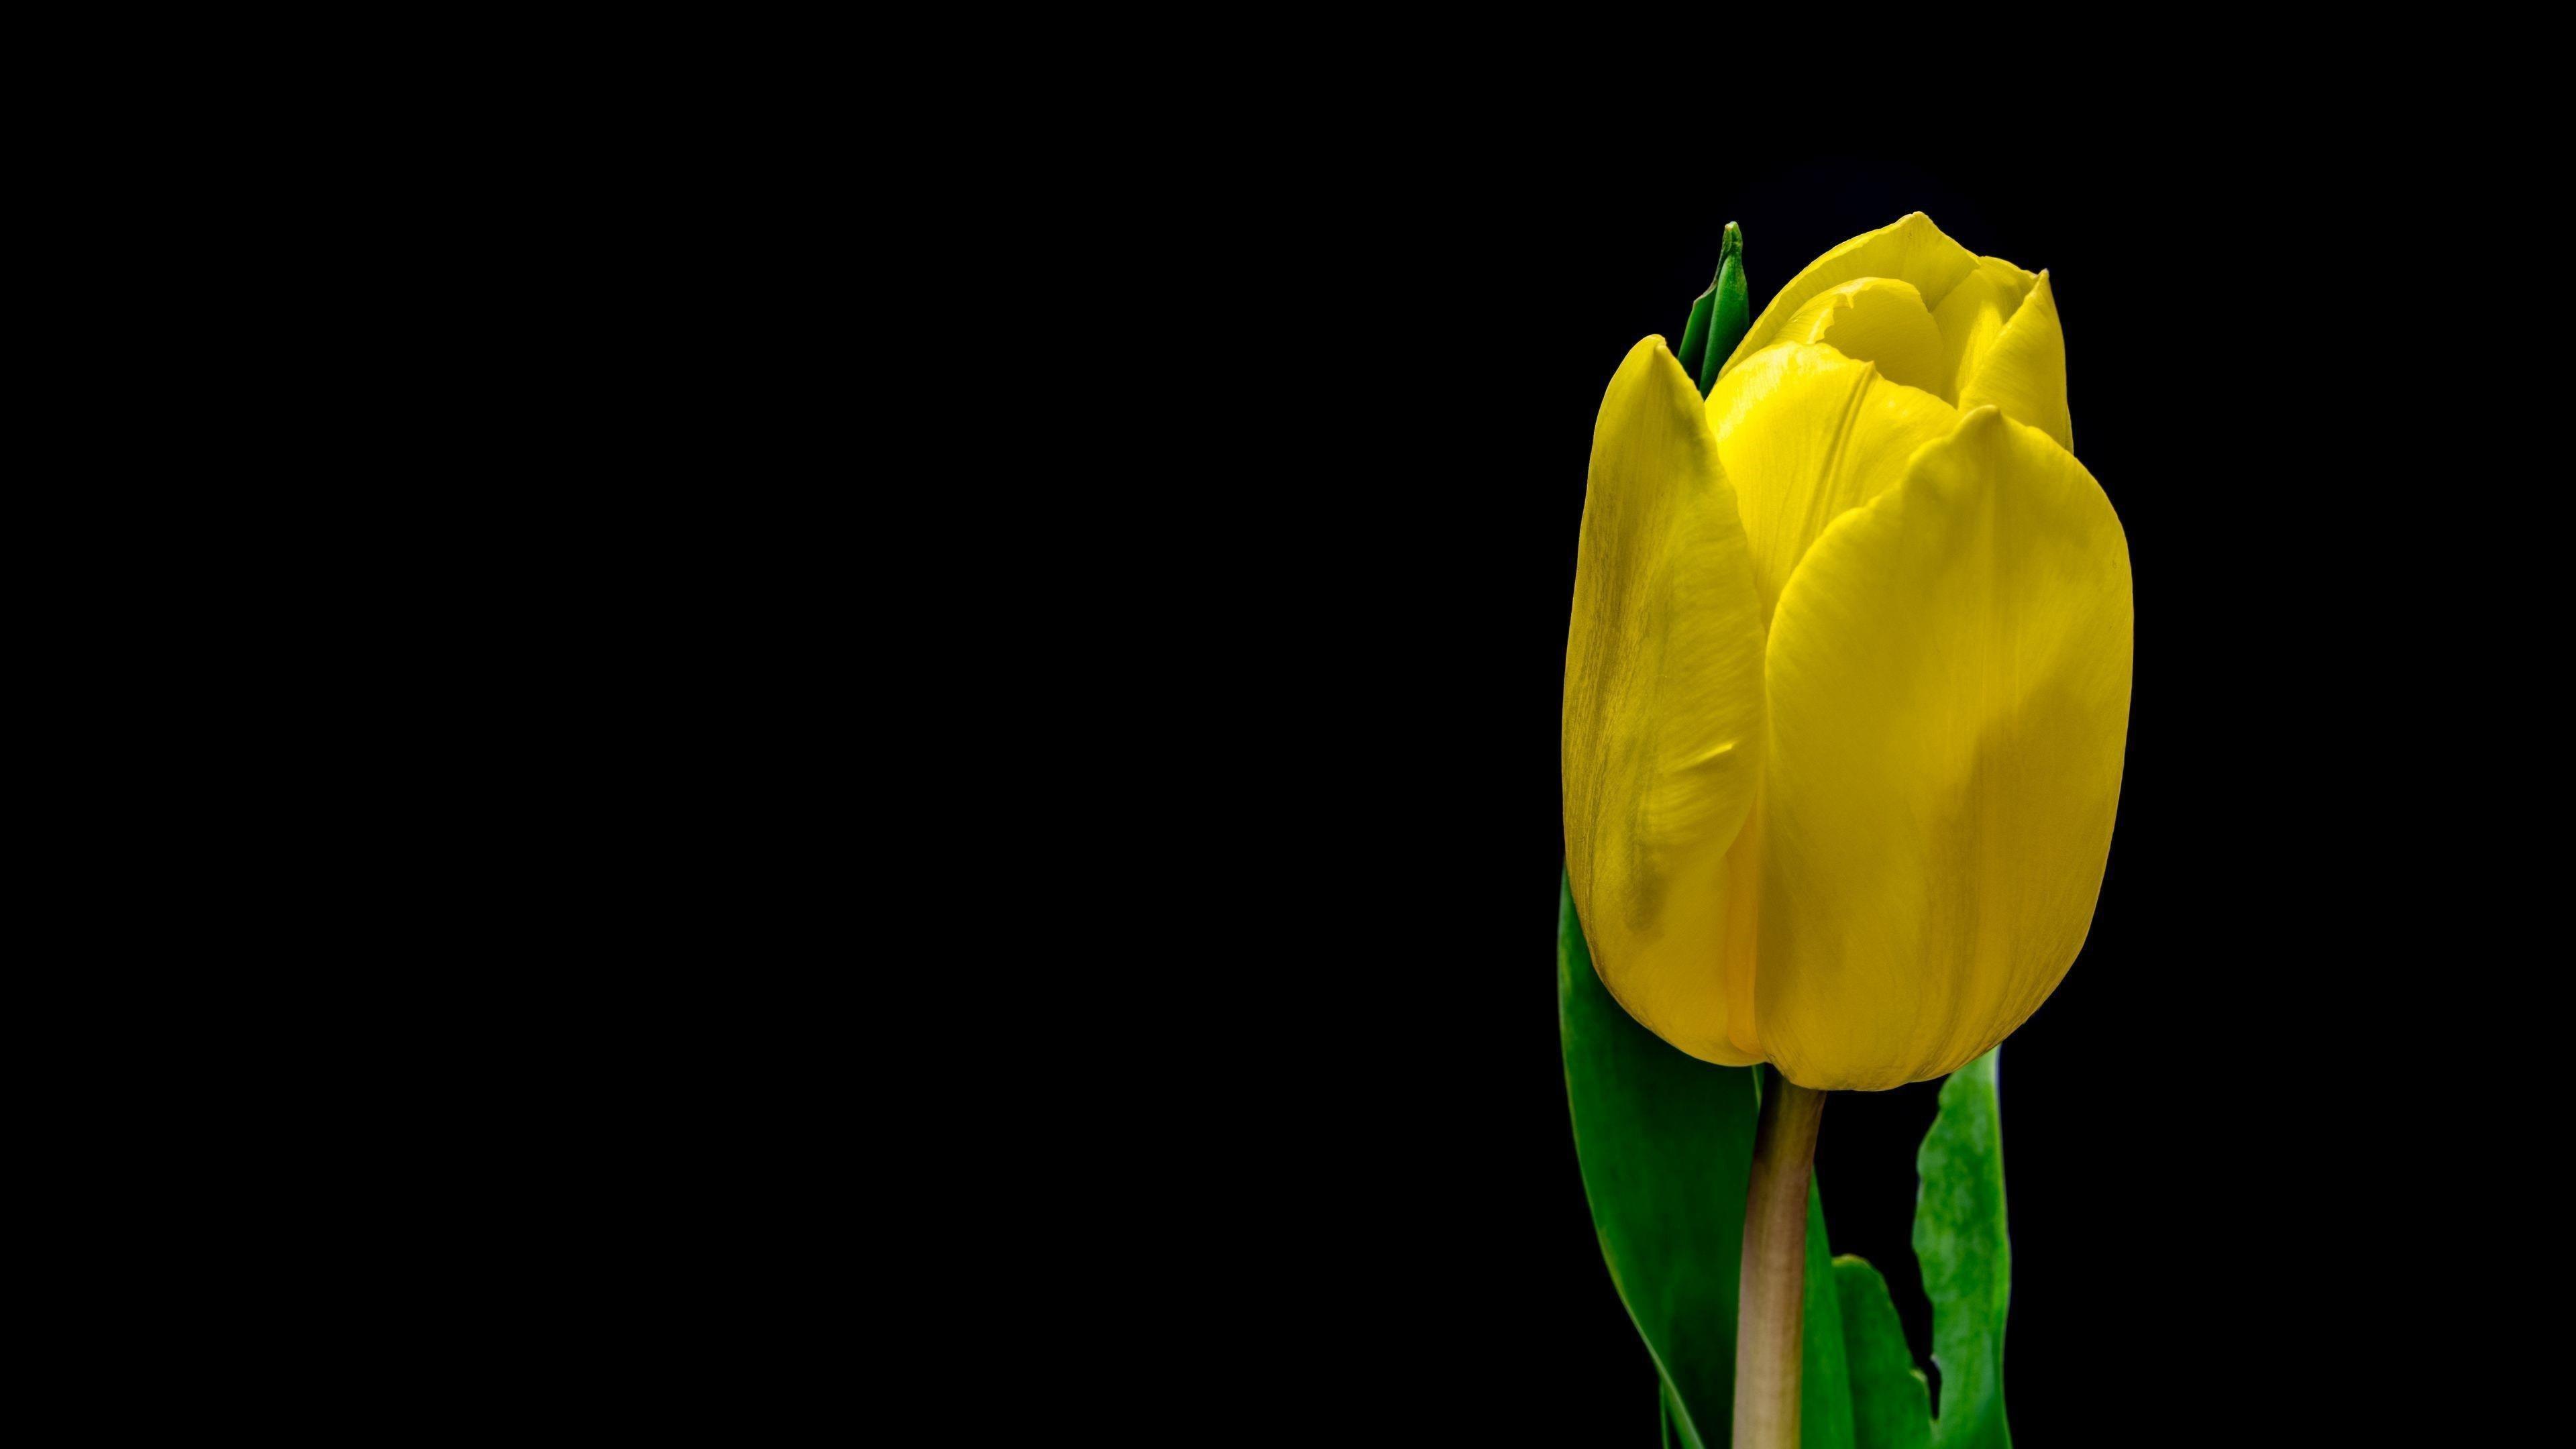 Цветок тюльпана желтые лепестки растений обои скачать